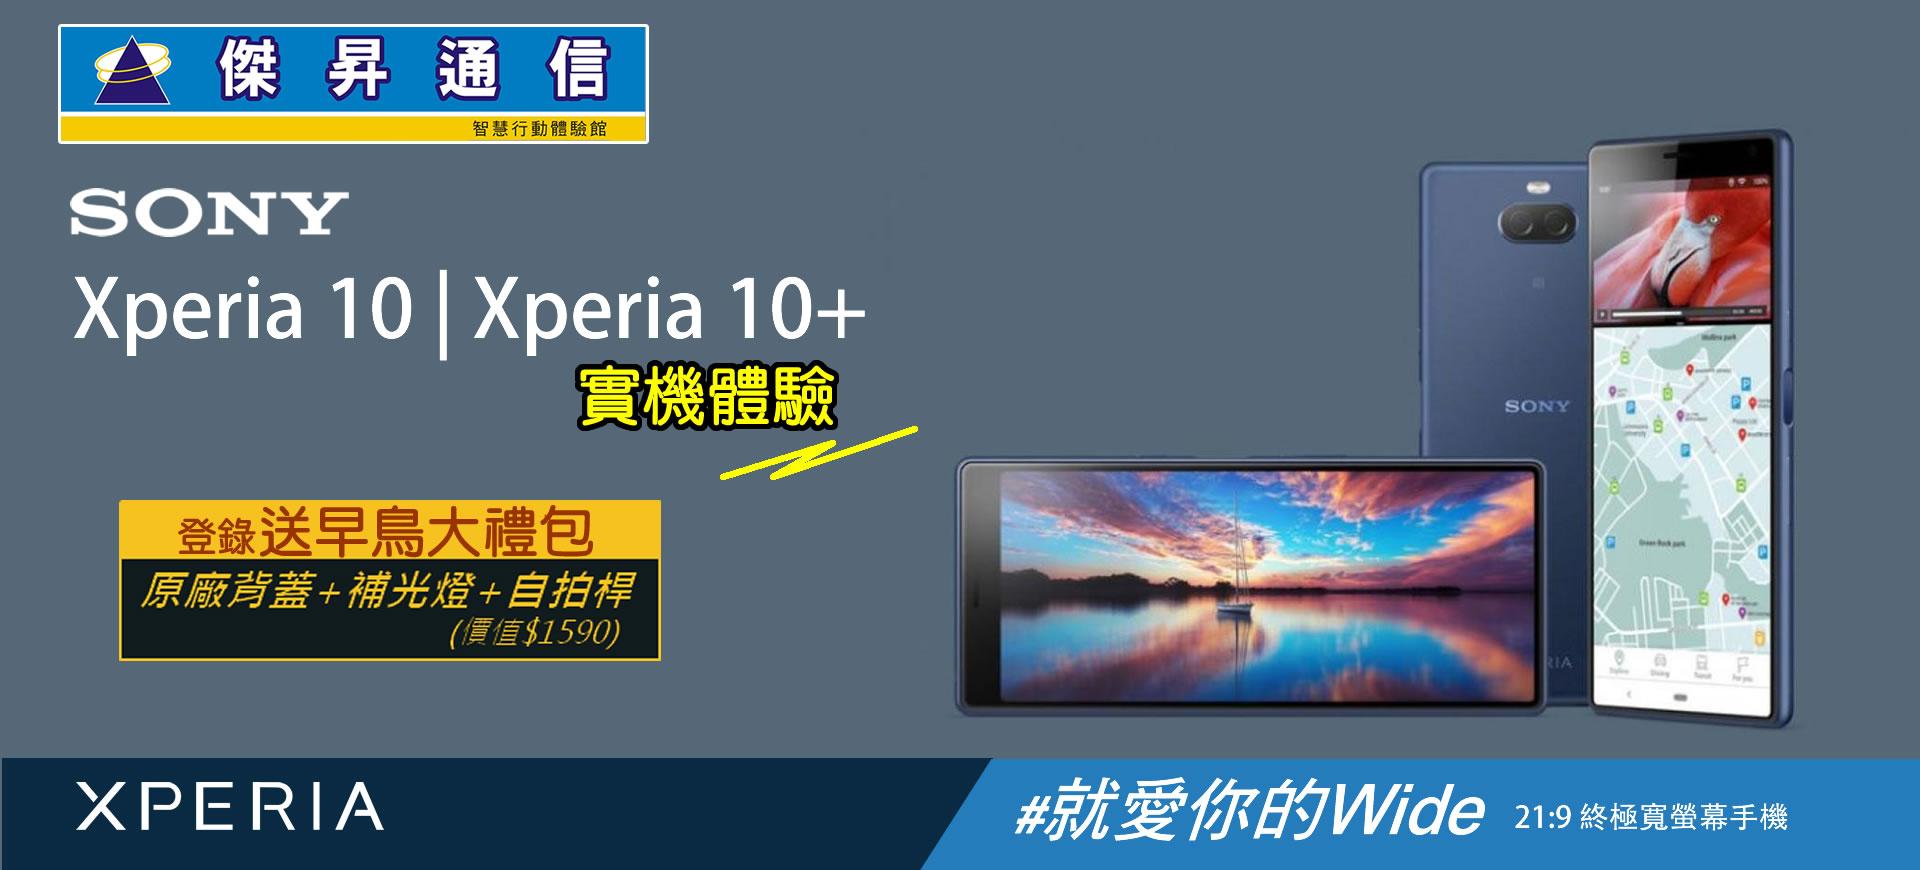 傑昇通信 Xperia10 Xperia10Plus 全面實展